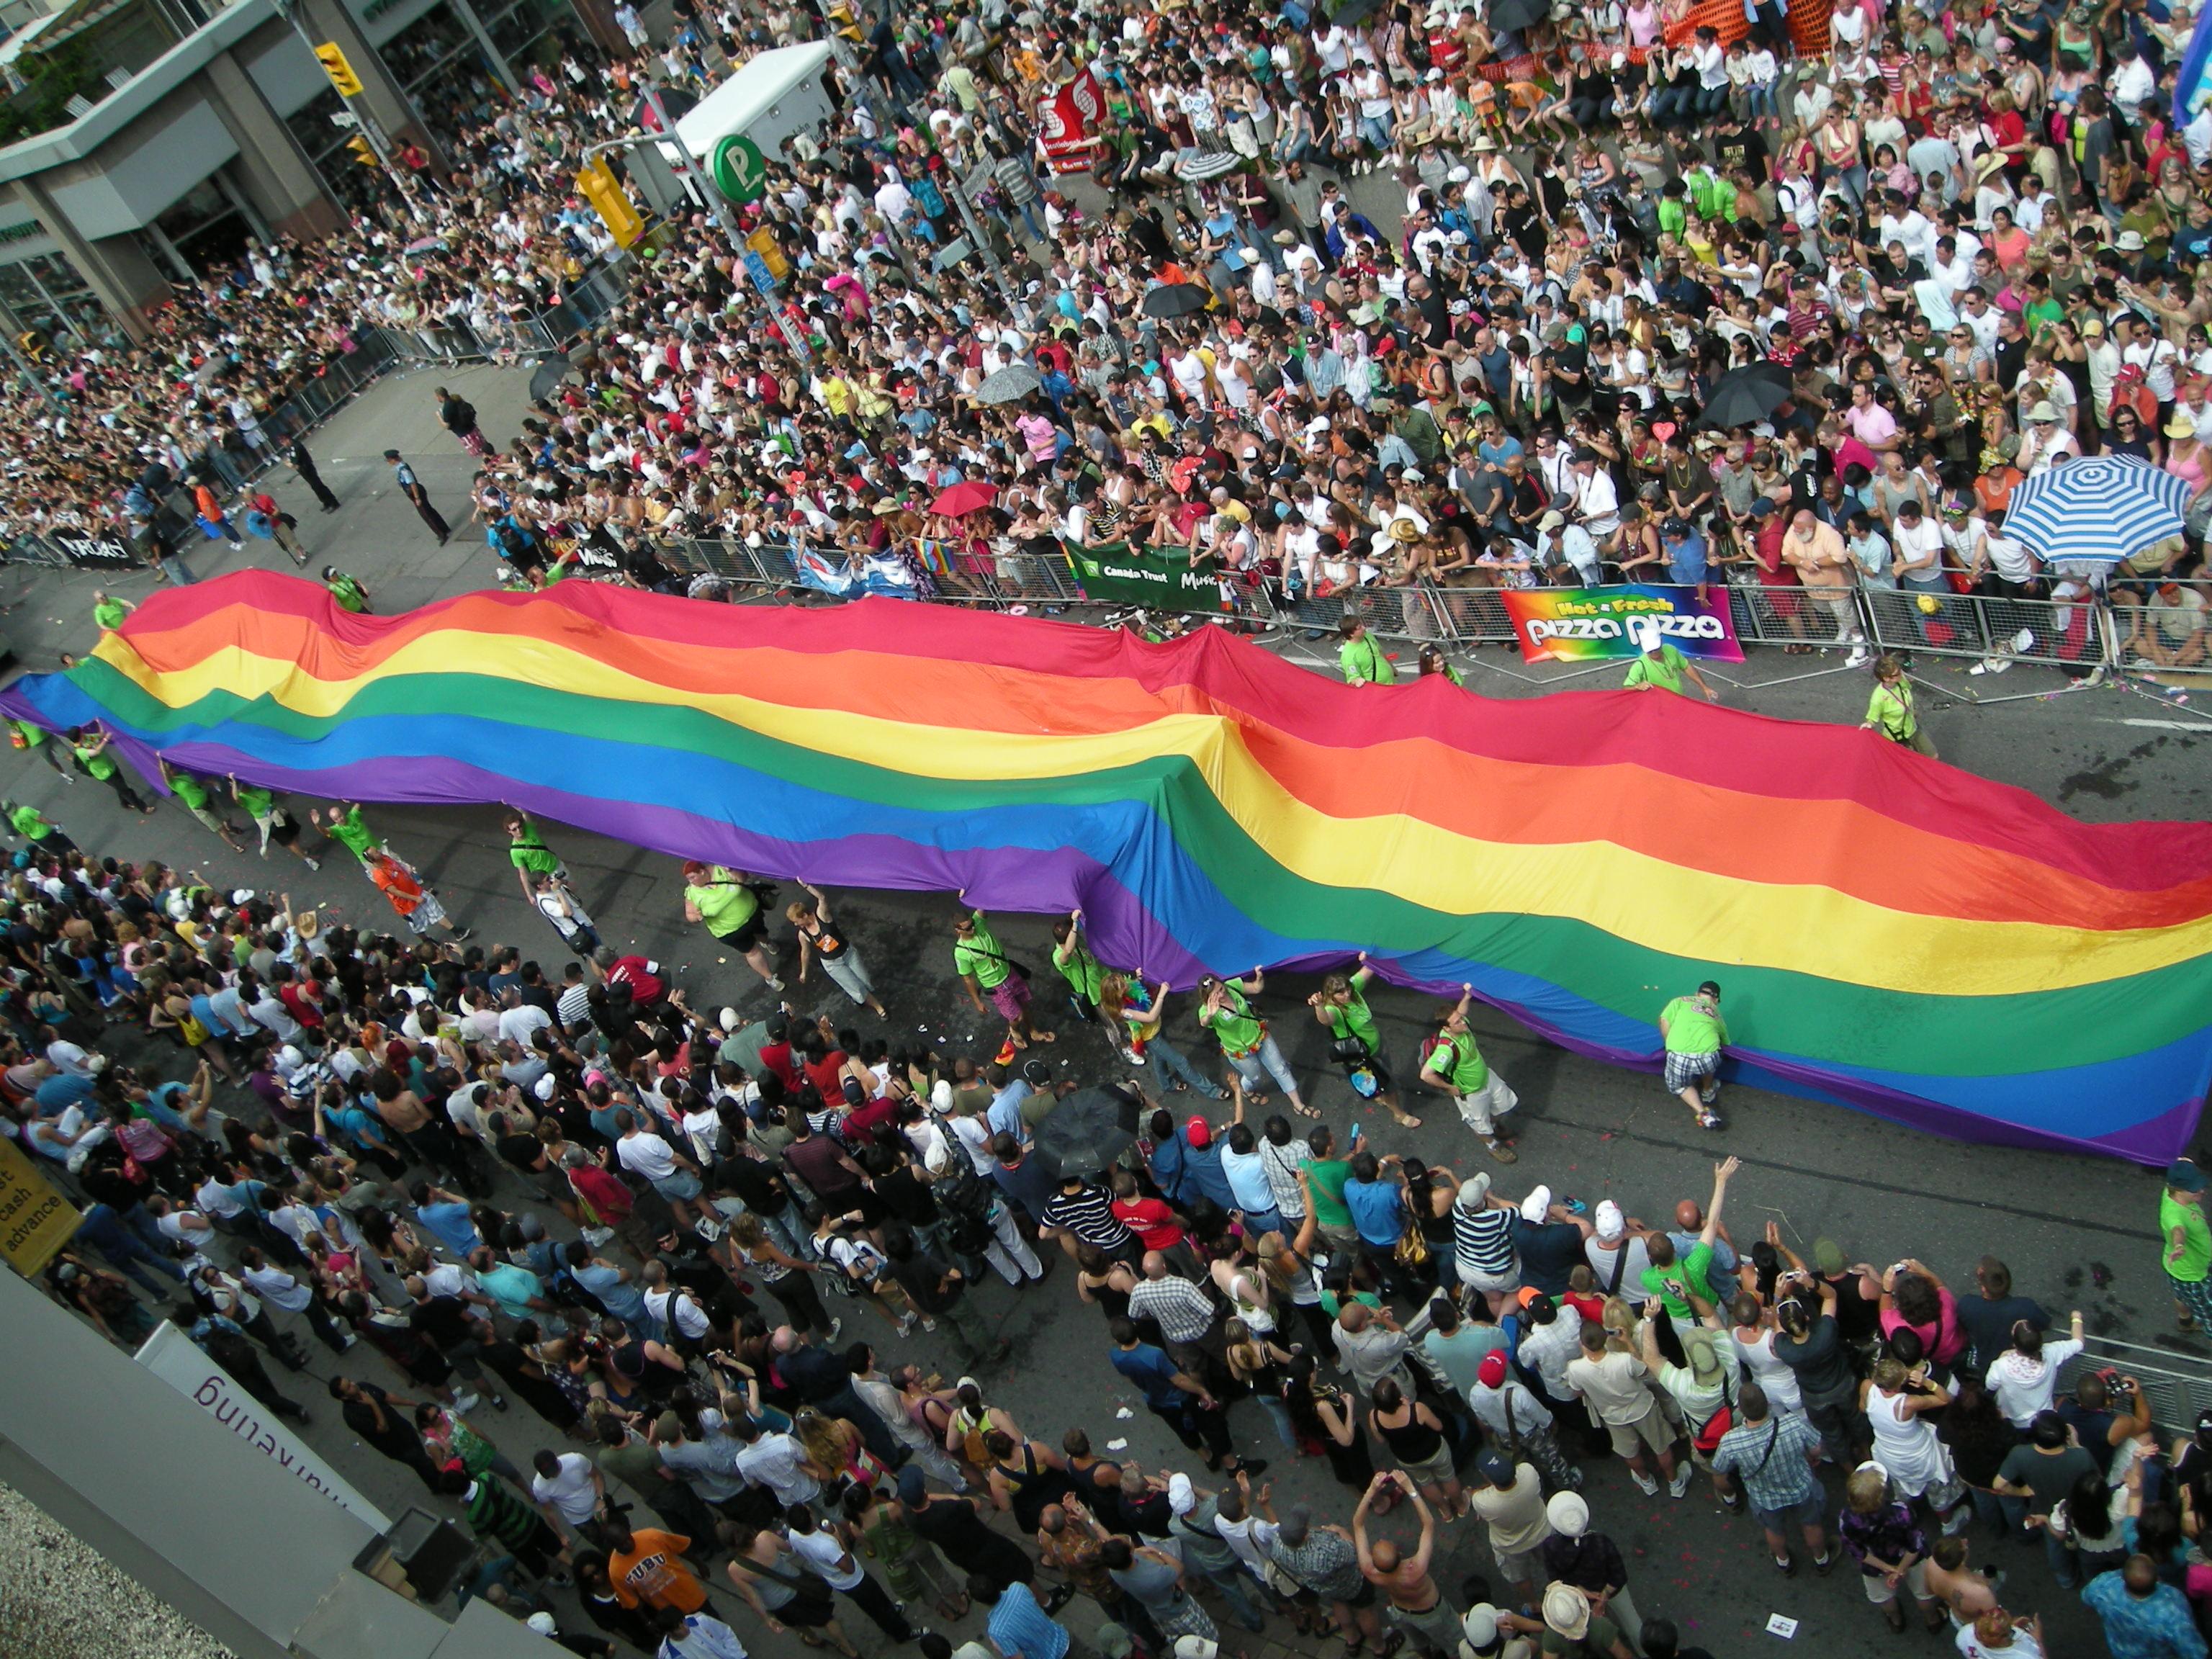 Totonto Pride 2008 - Quelle: wikicommons